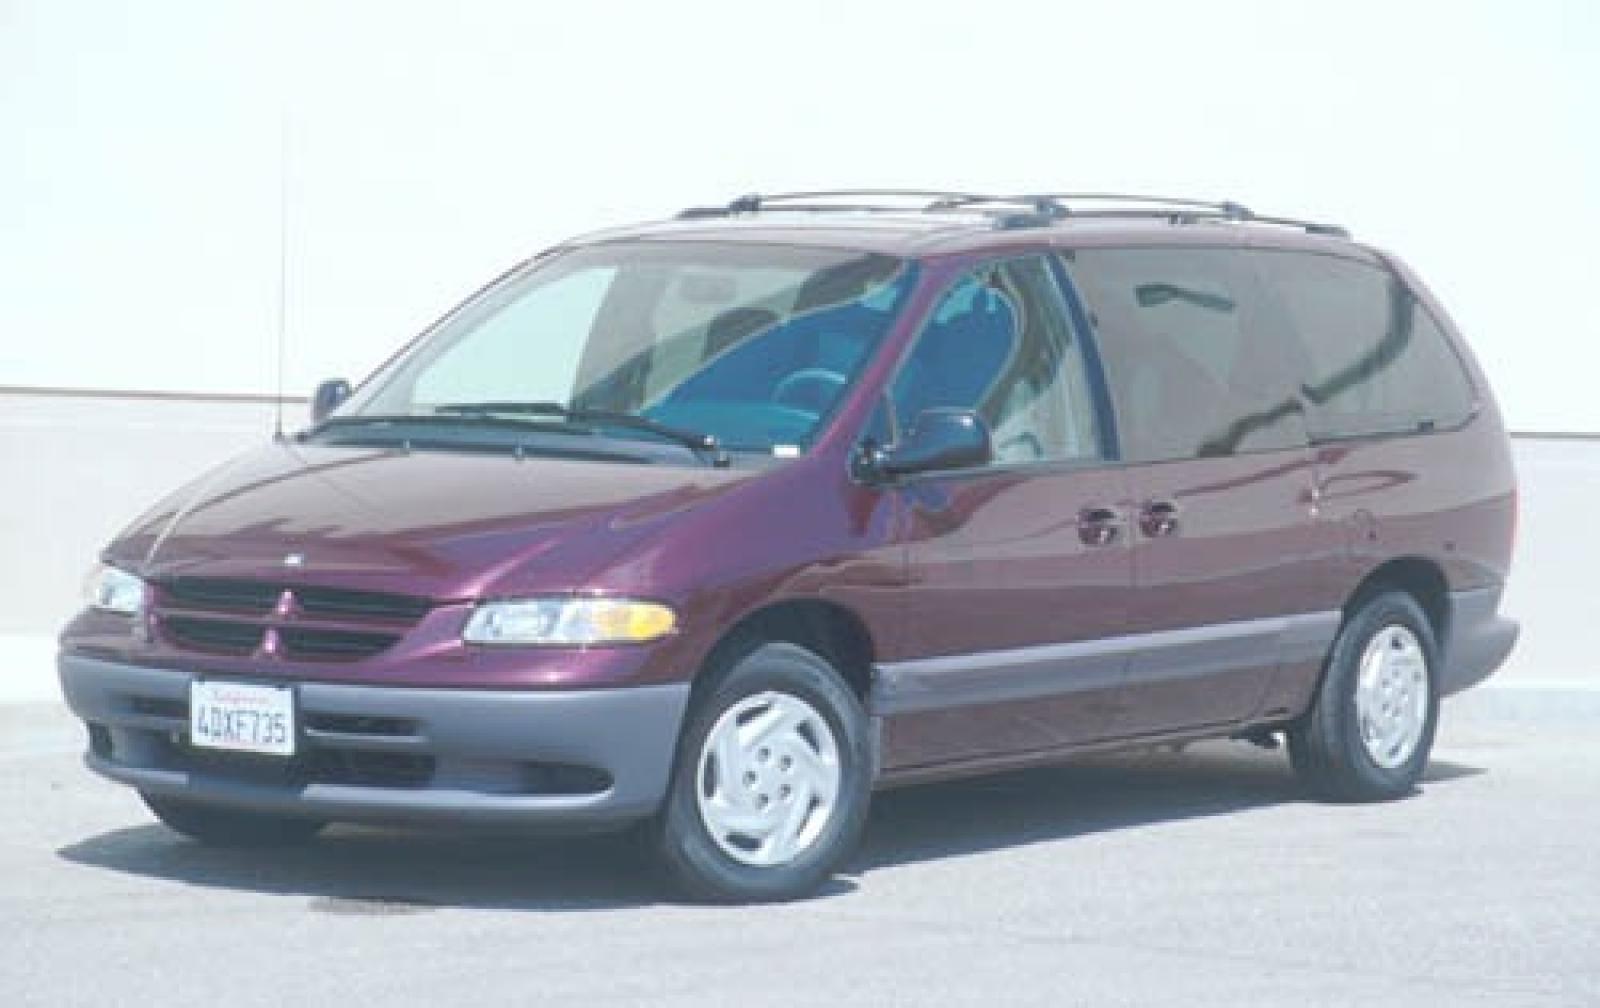 Dodge dodge 1999 caravan : 2000 Dodge Grand Caravan - Information and photos - ZombieDrive